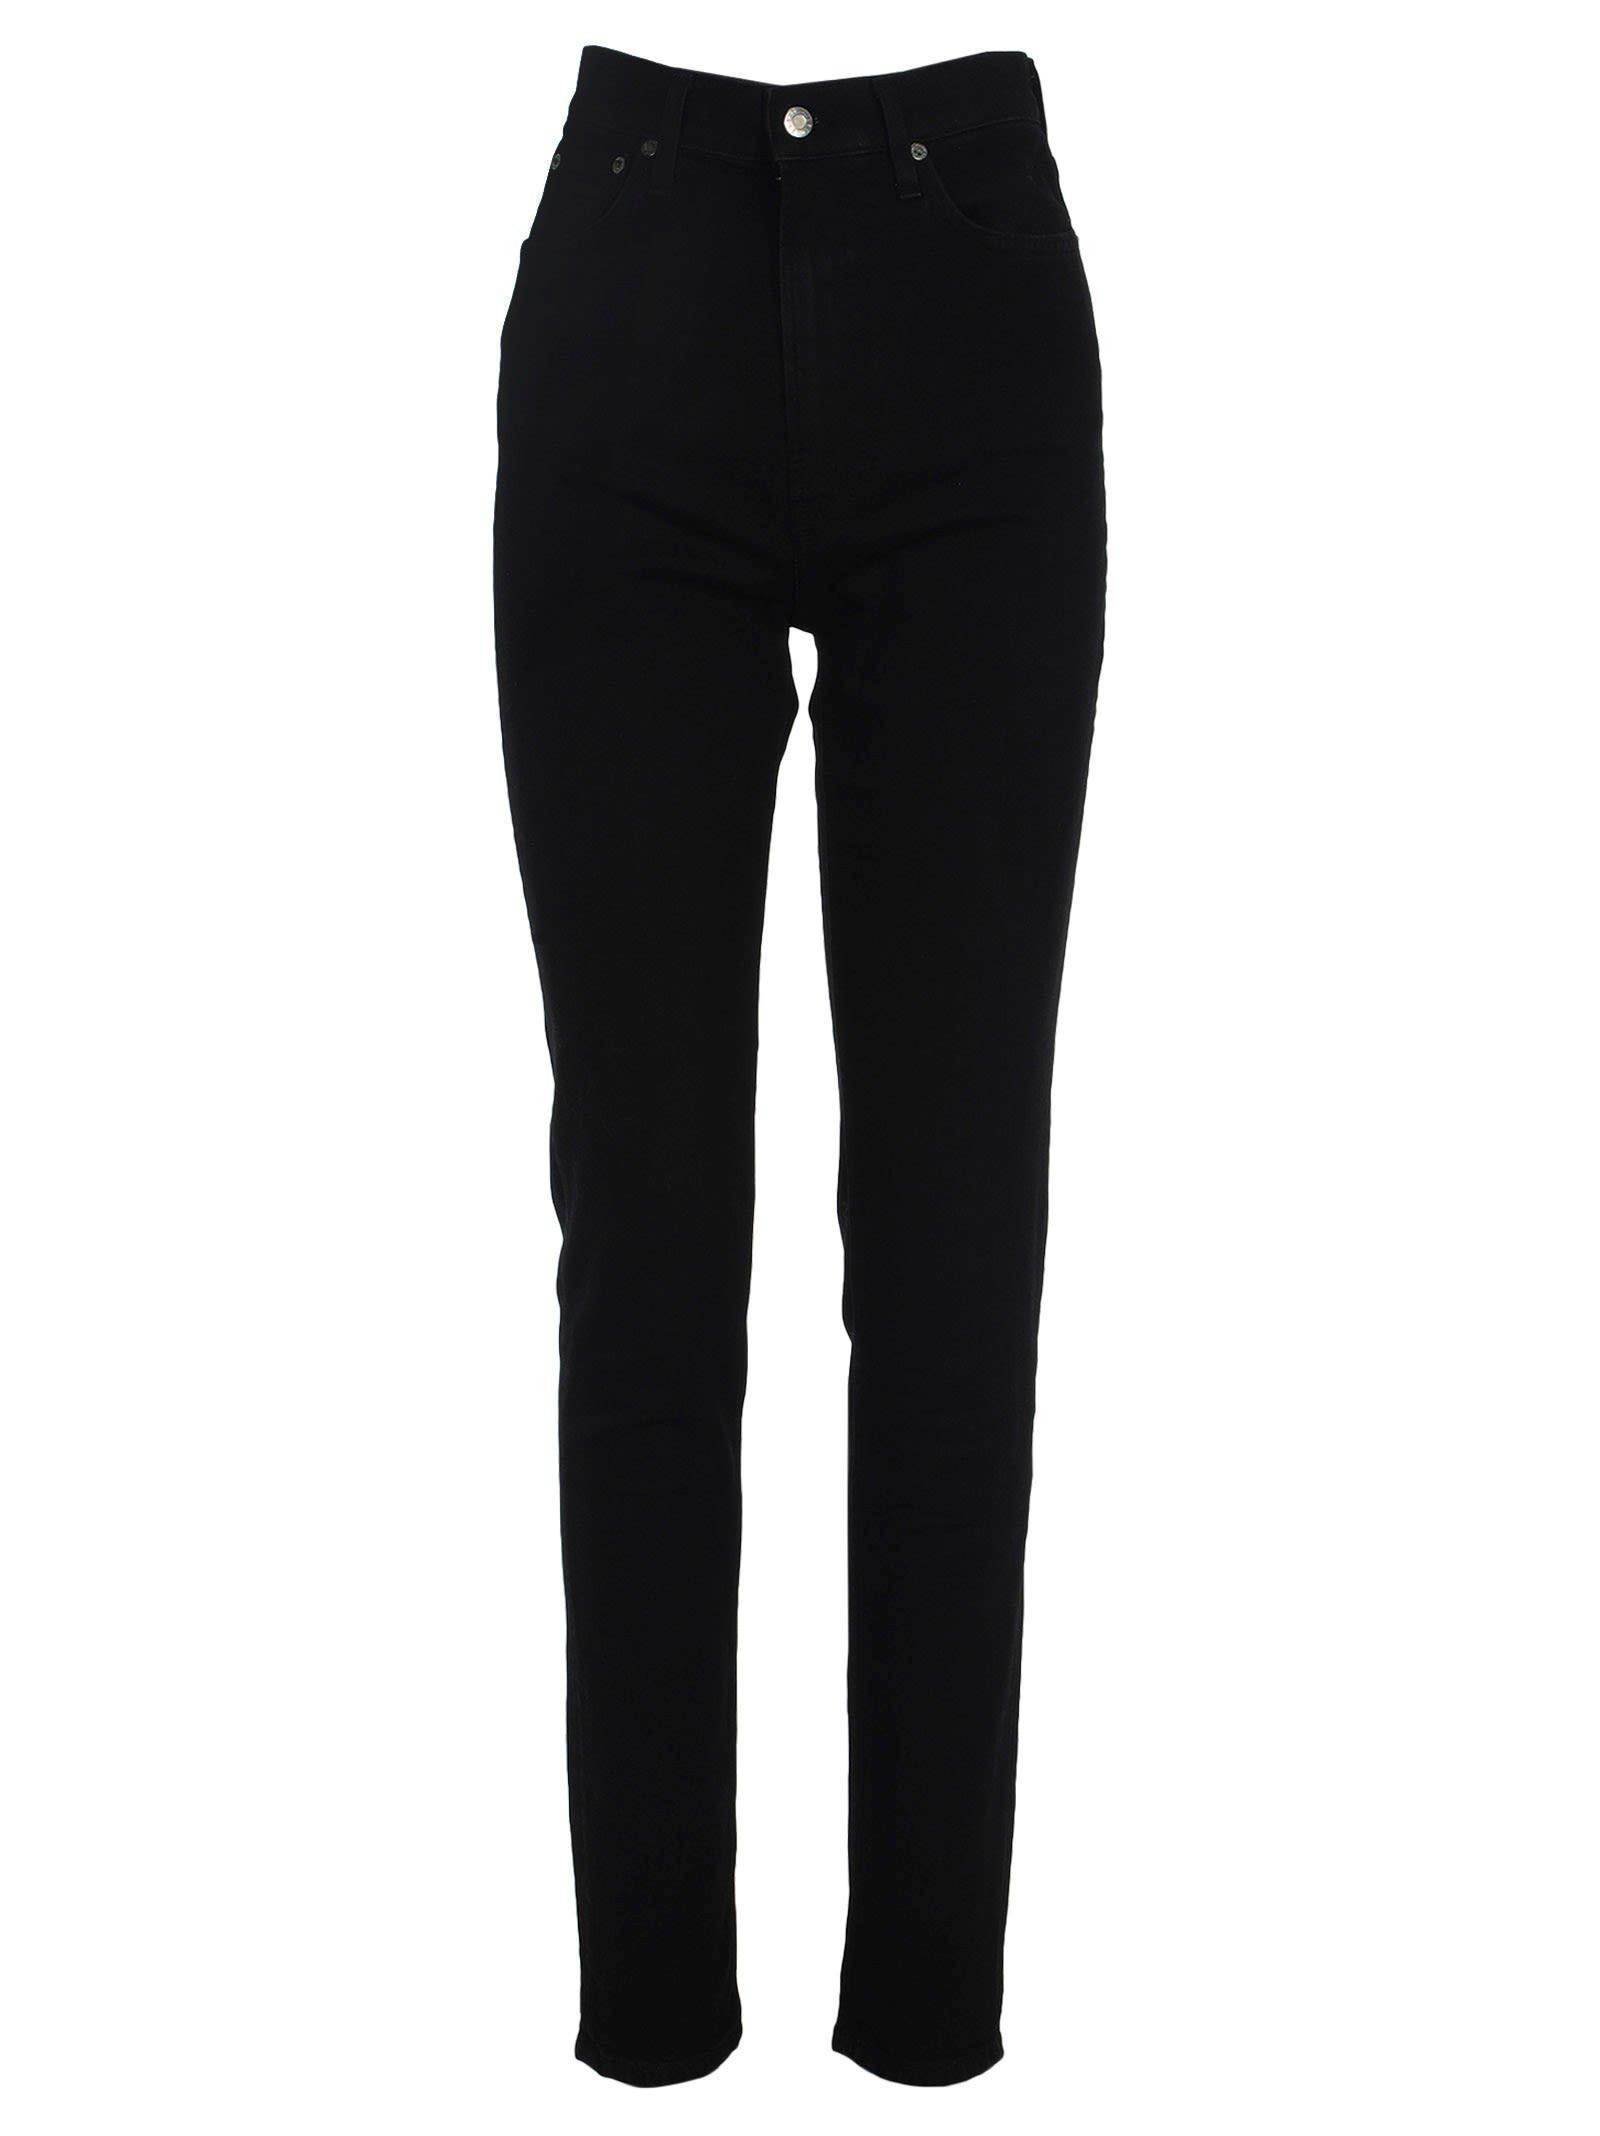 Helmut Lang Hfemme High Waist Jeans